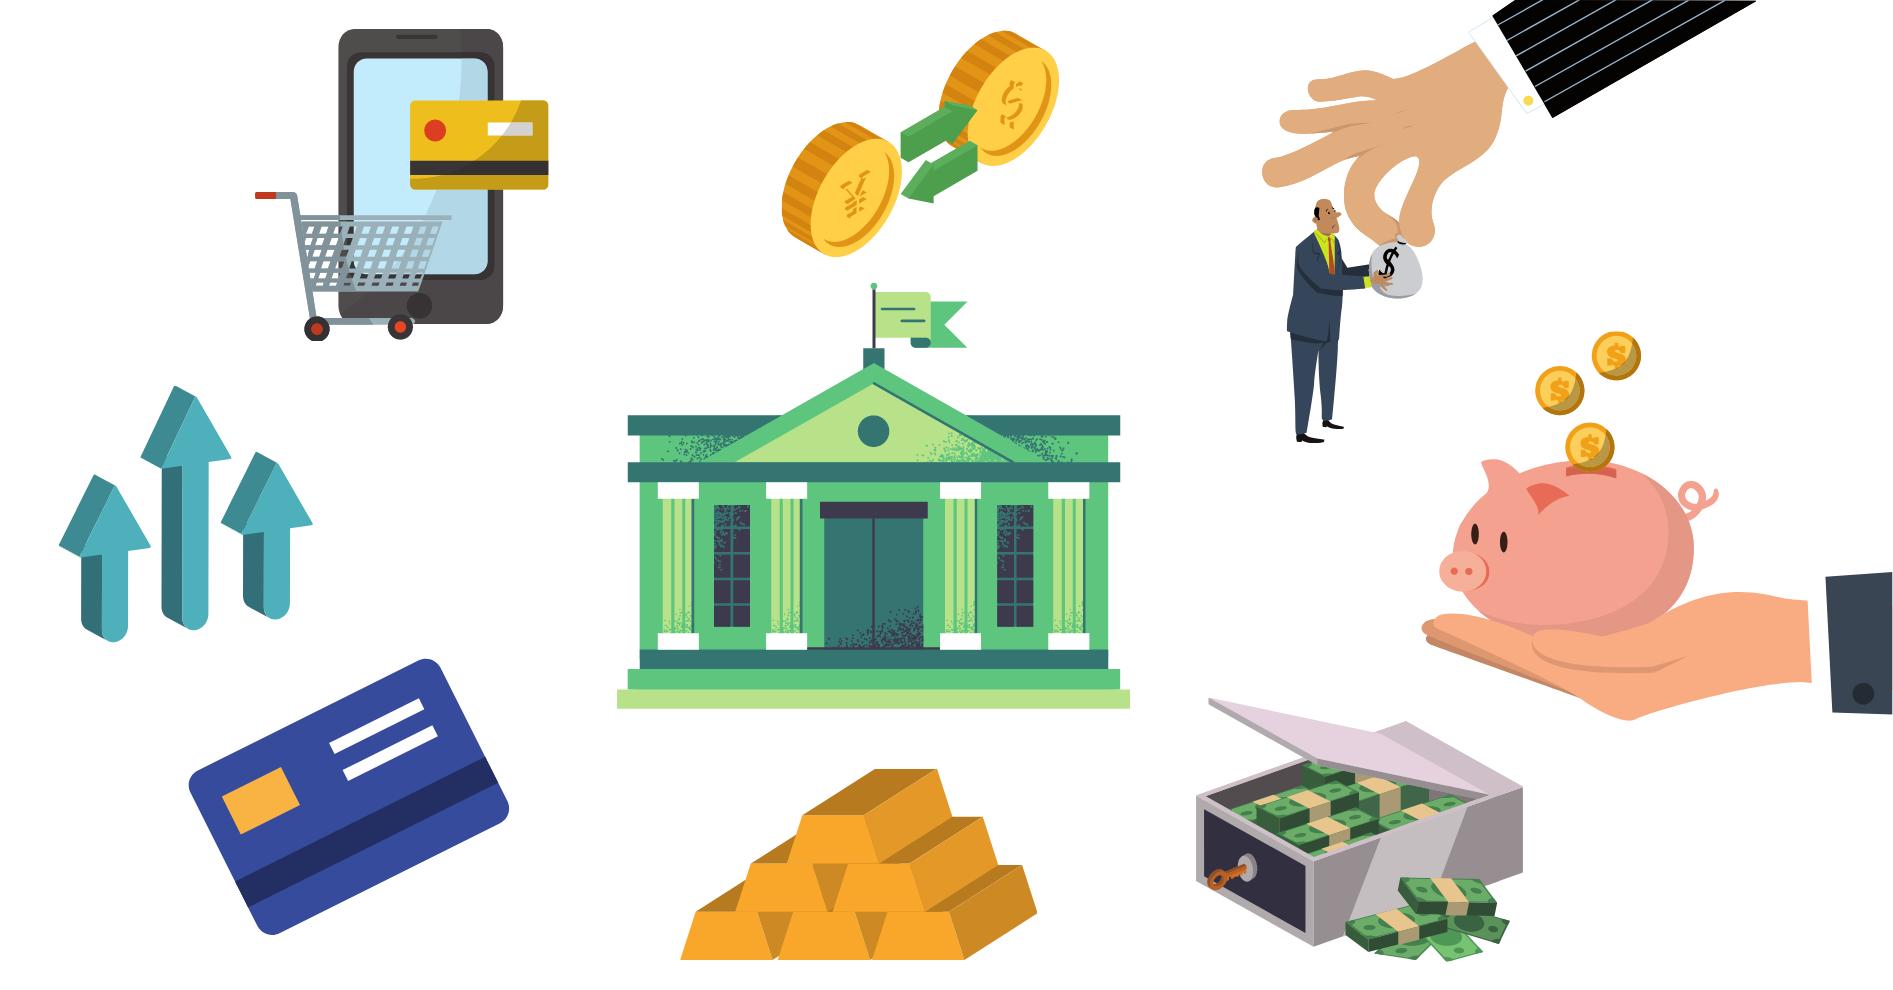 Sistema financiero [La guia mas completa]